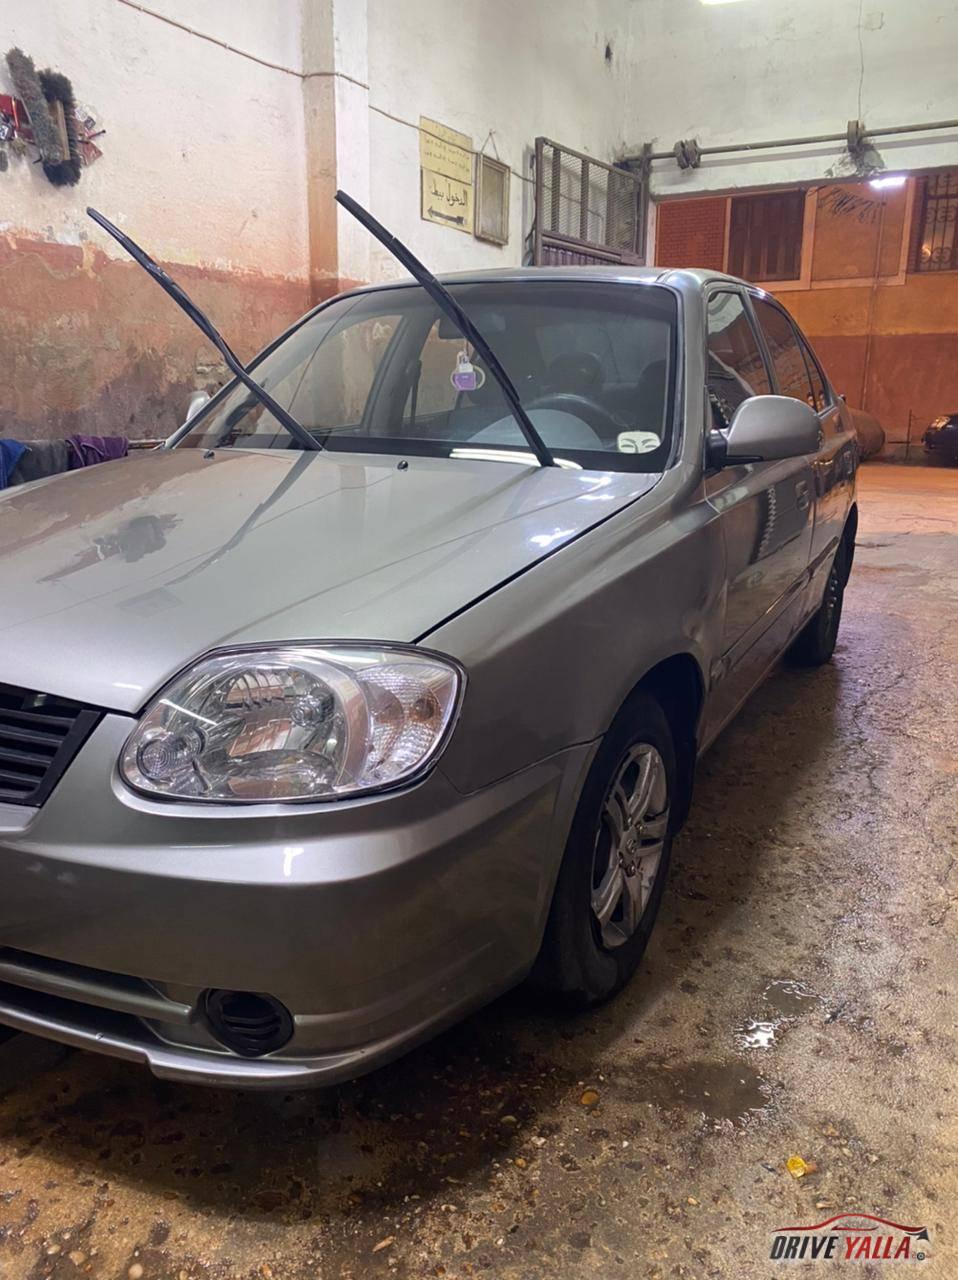 هيونداى فيرنا مستعملة للبيع فى مصر 2013